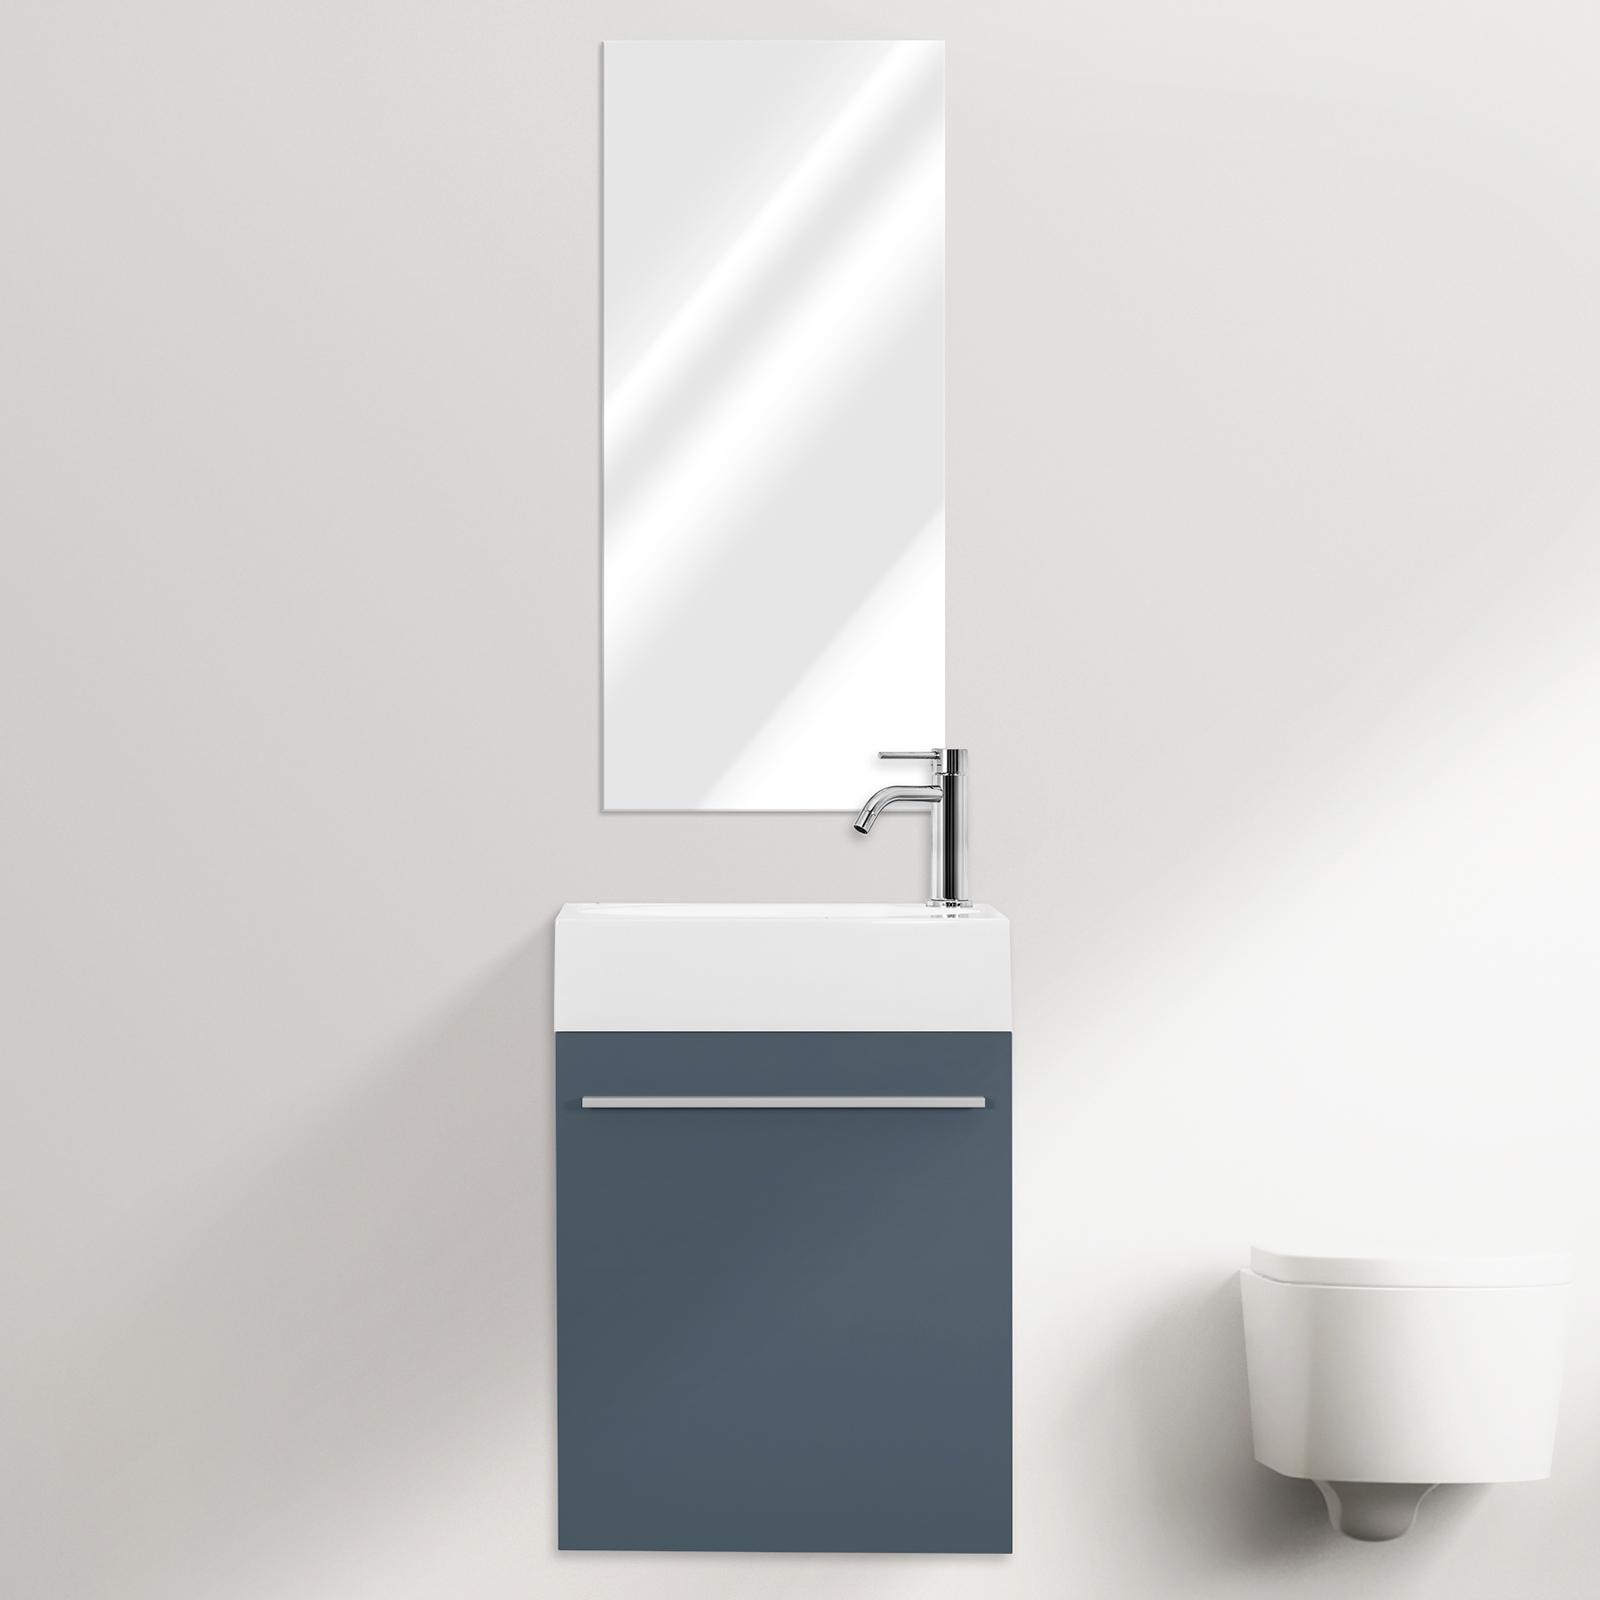 Gain De Place Meuble meuble mural de salle de bain karma 46 cm gain de place avec miroir blanc  gris bleu sauge